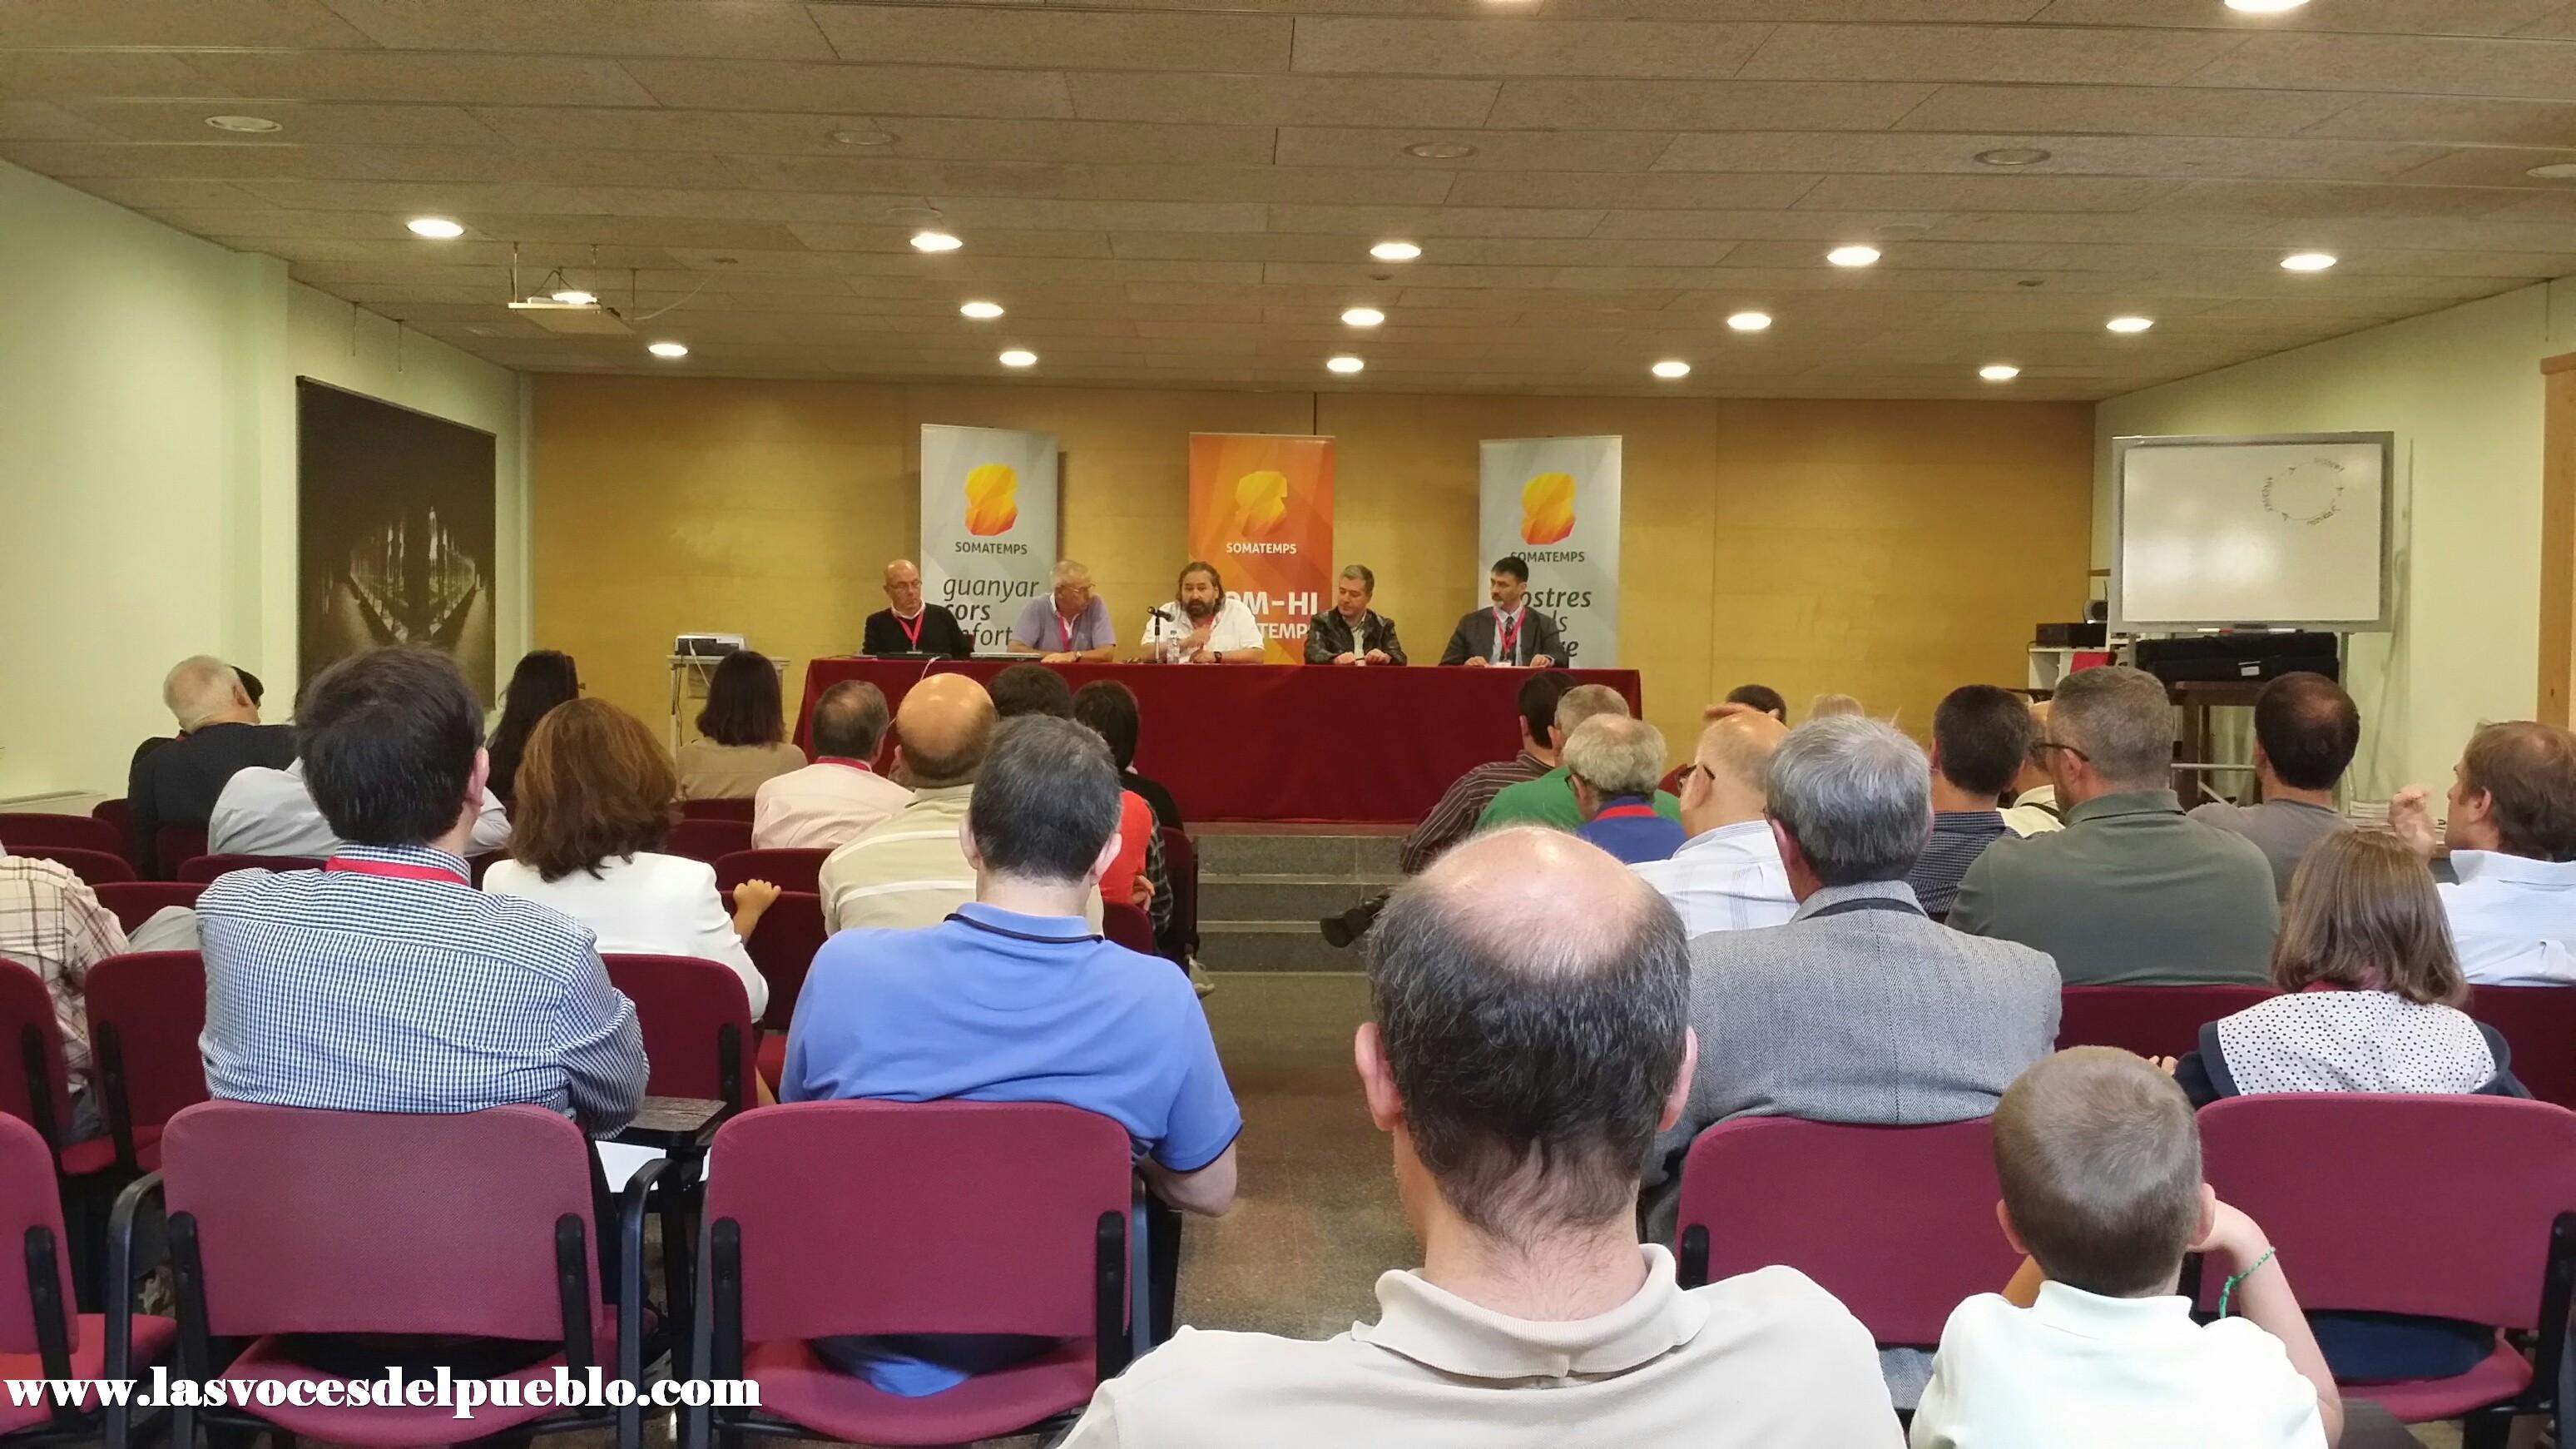 las voces del pueblo_I Congreso de Somatemps_Ripoll_Gerona (209)